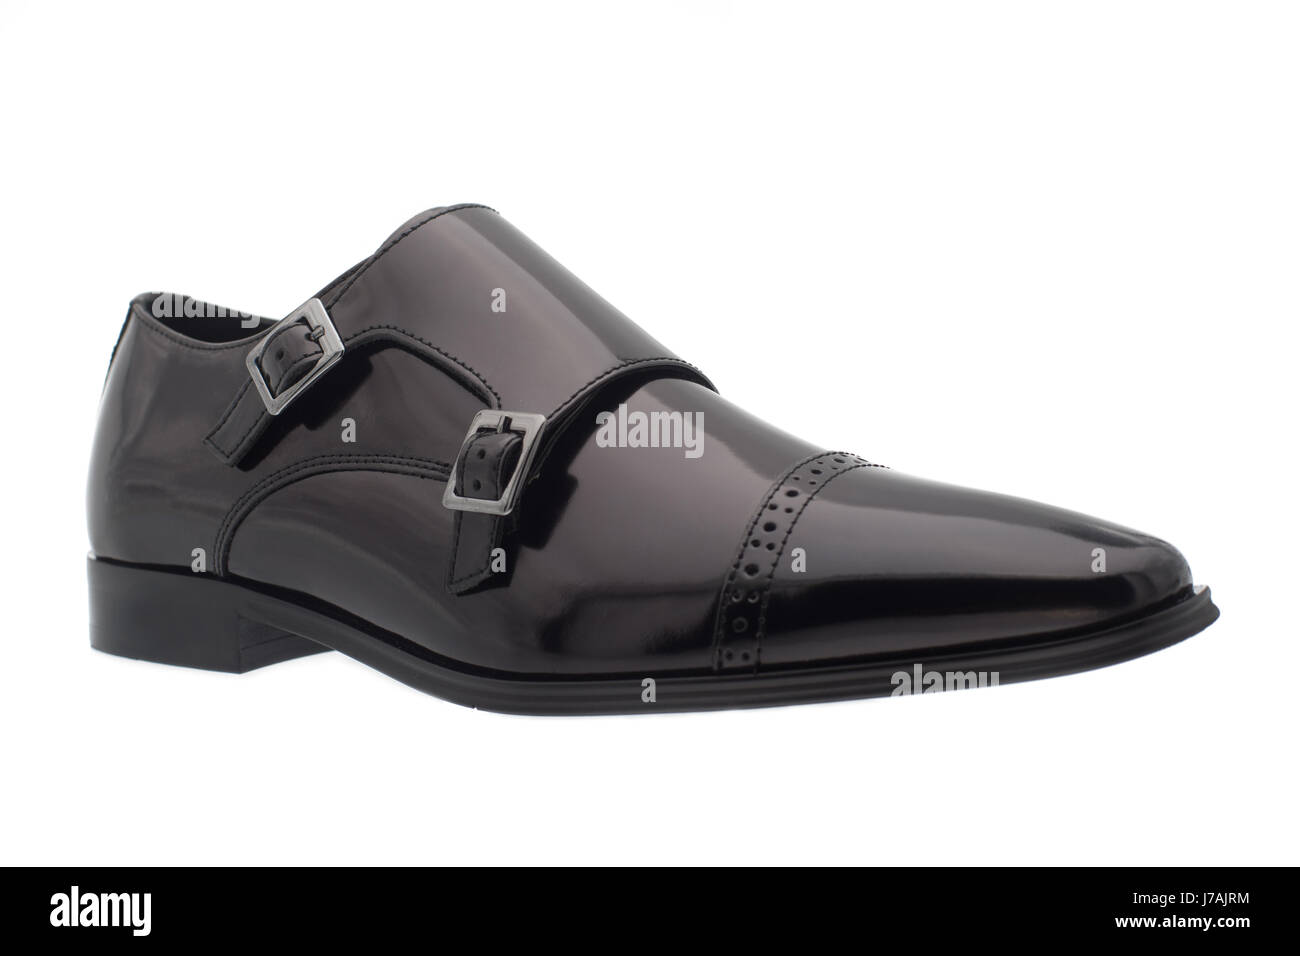 Black men's shoes - Stock Image